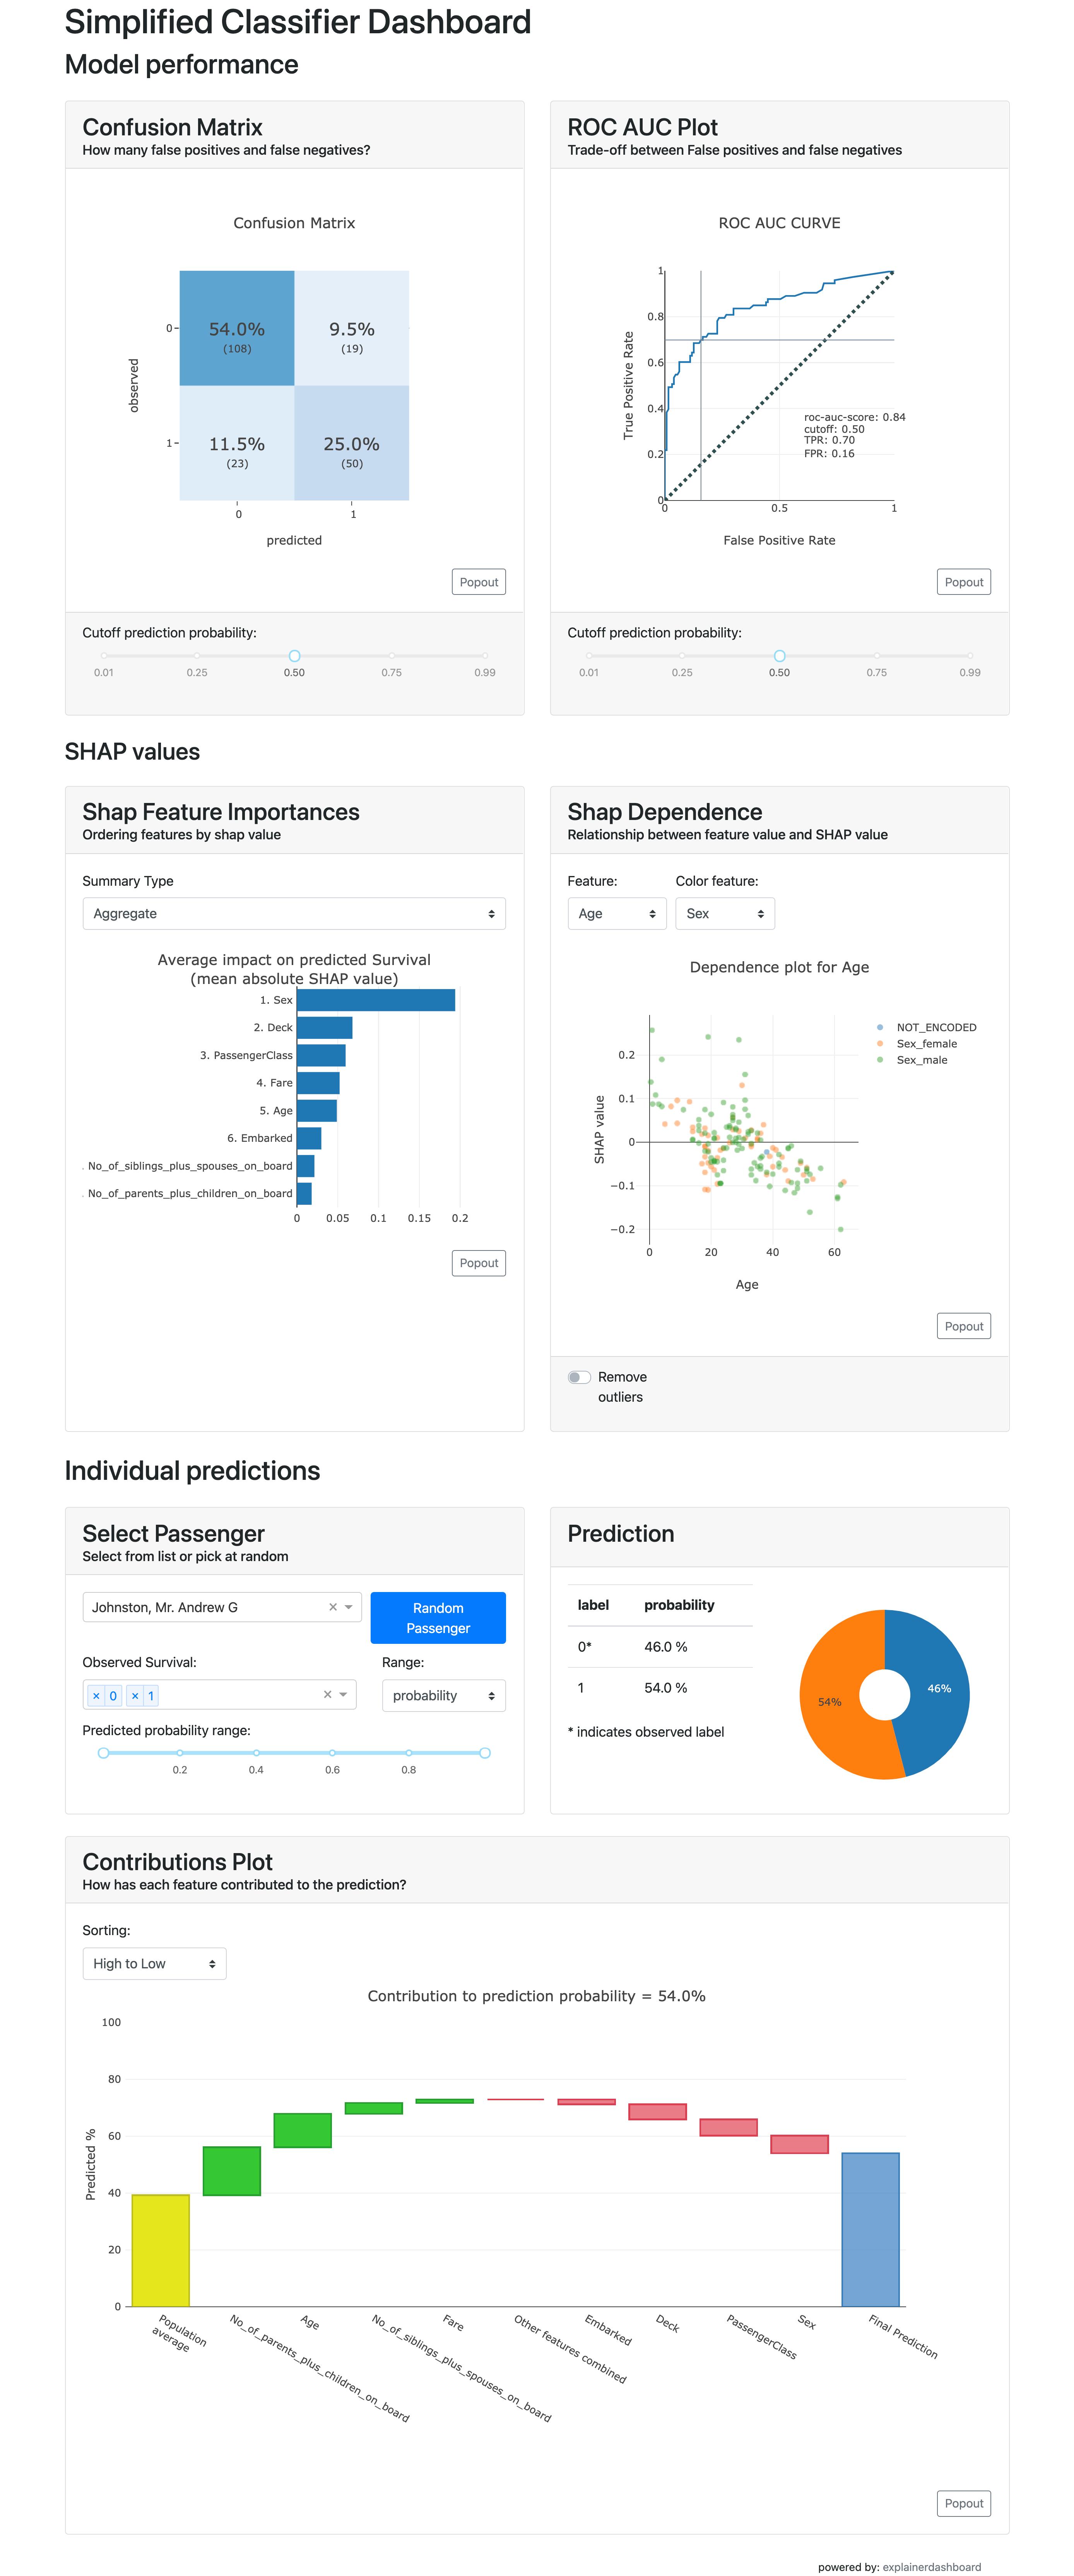 docs/source/screenshots/simple_classifier_dashboard.png